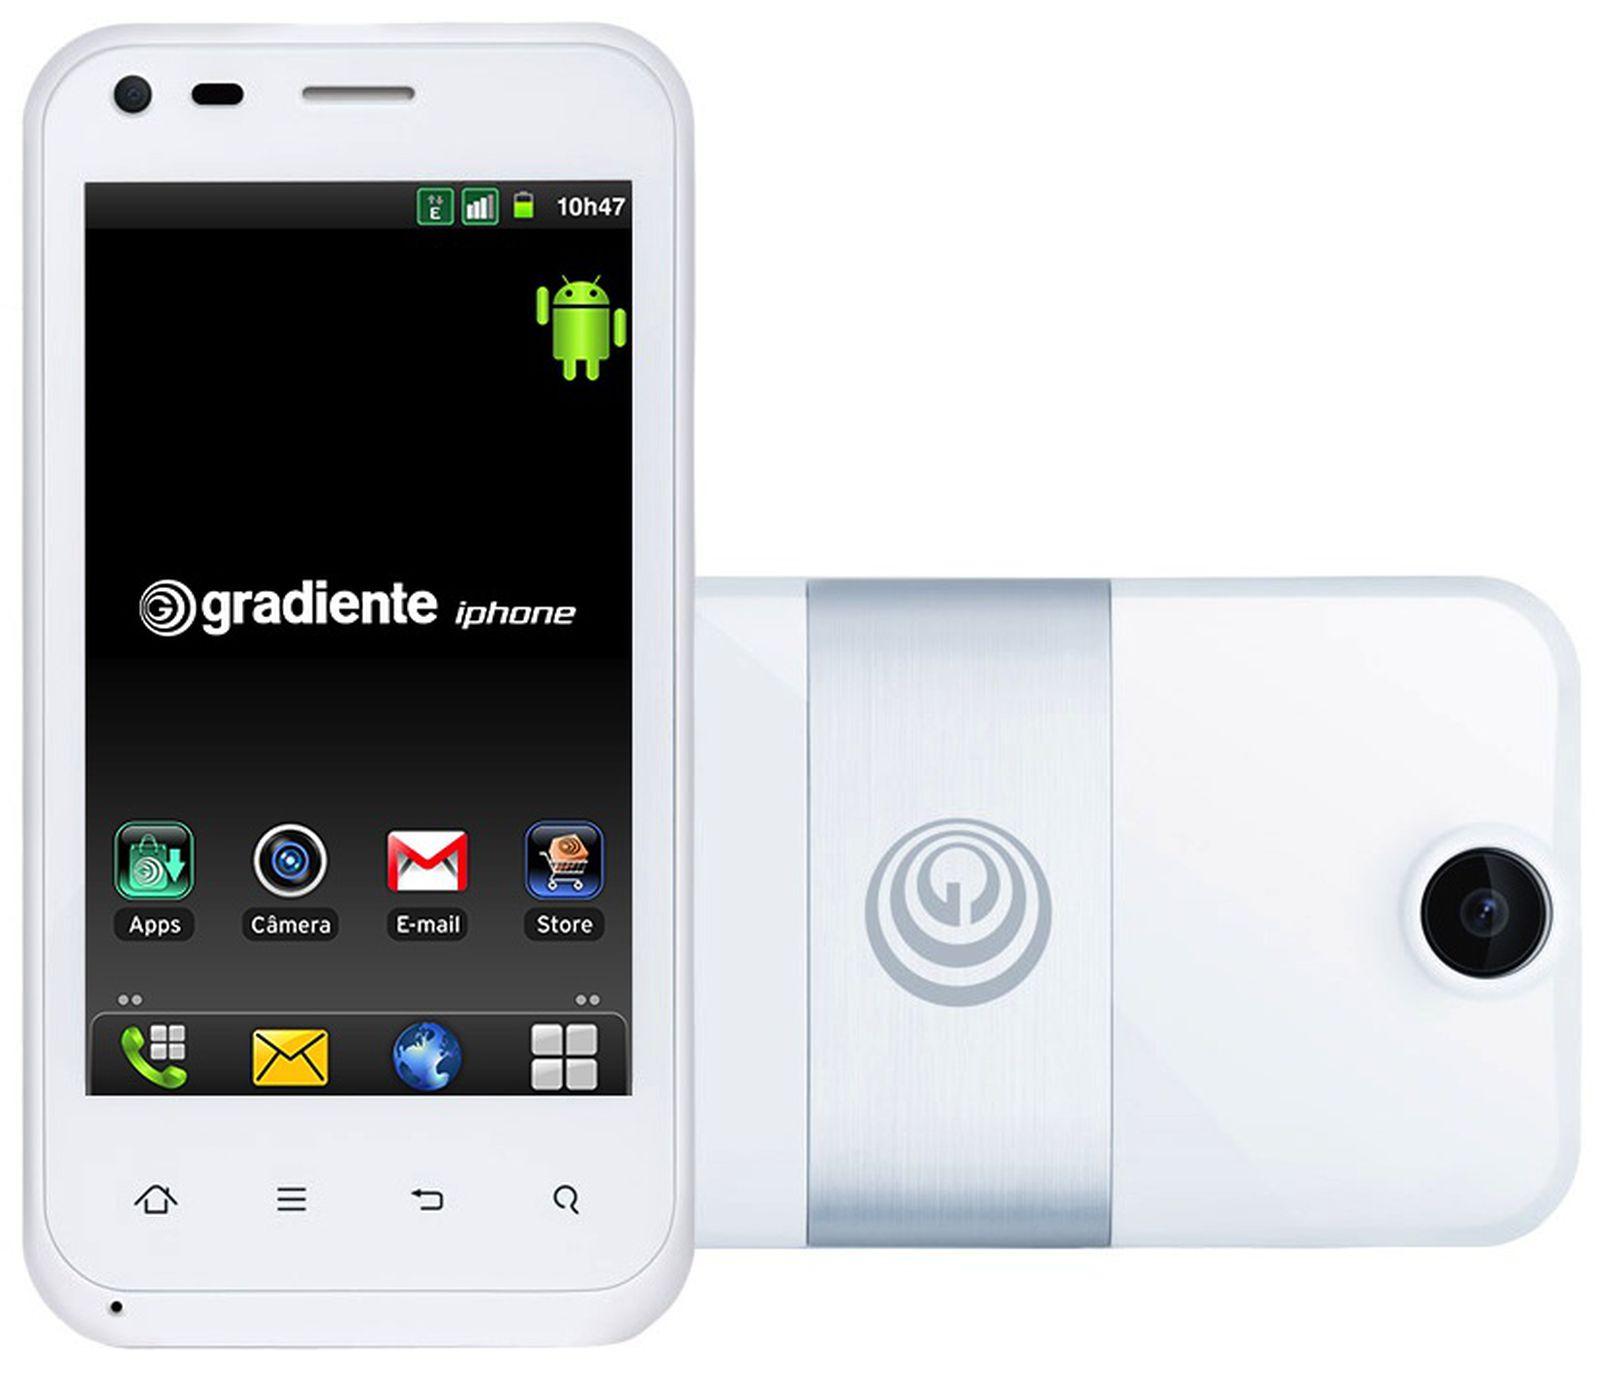 gradiente iphone white.'